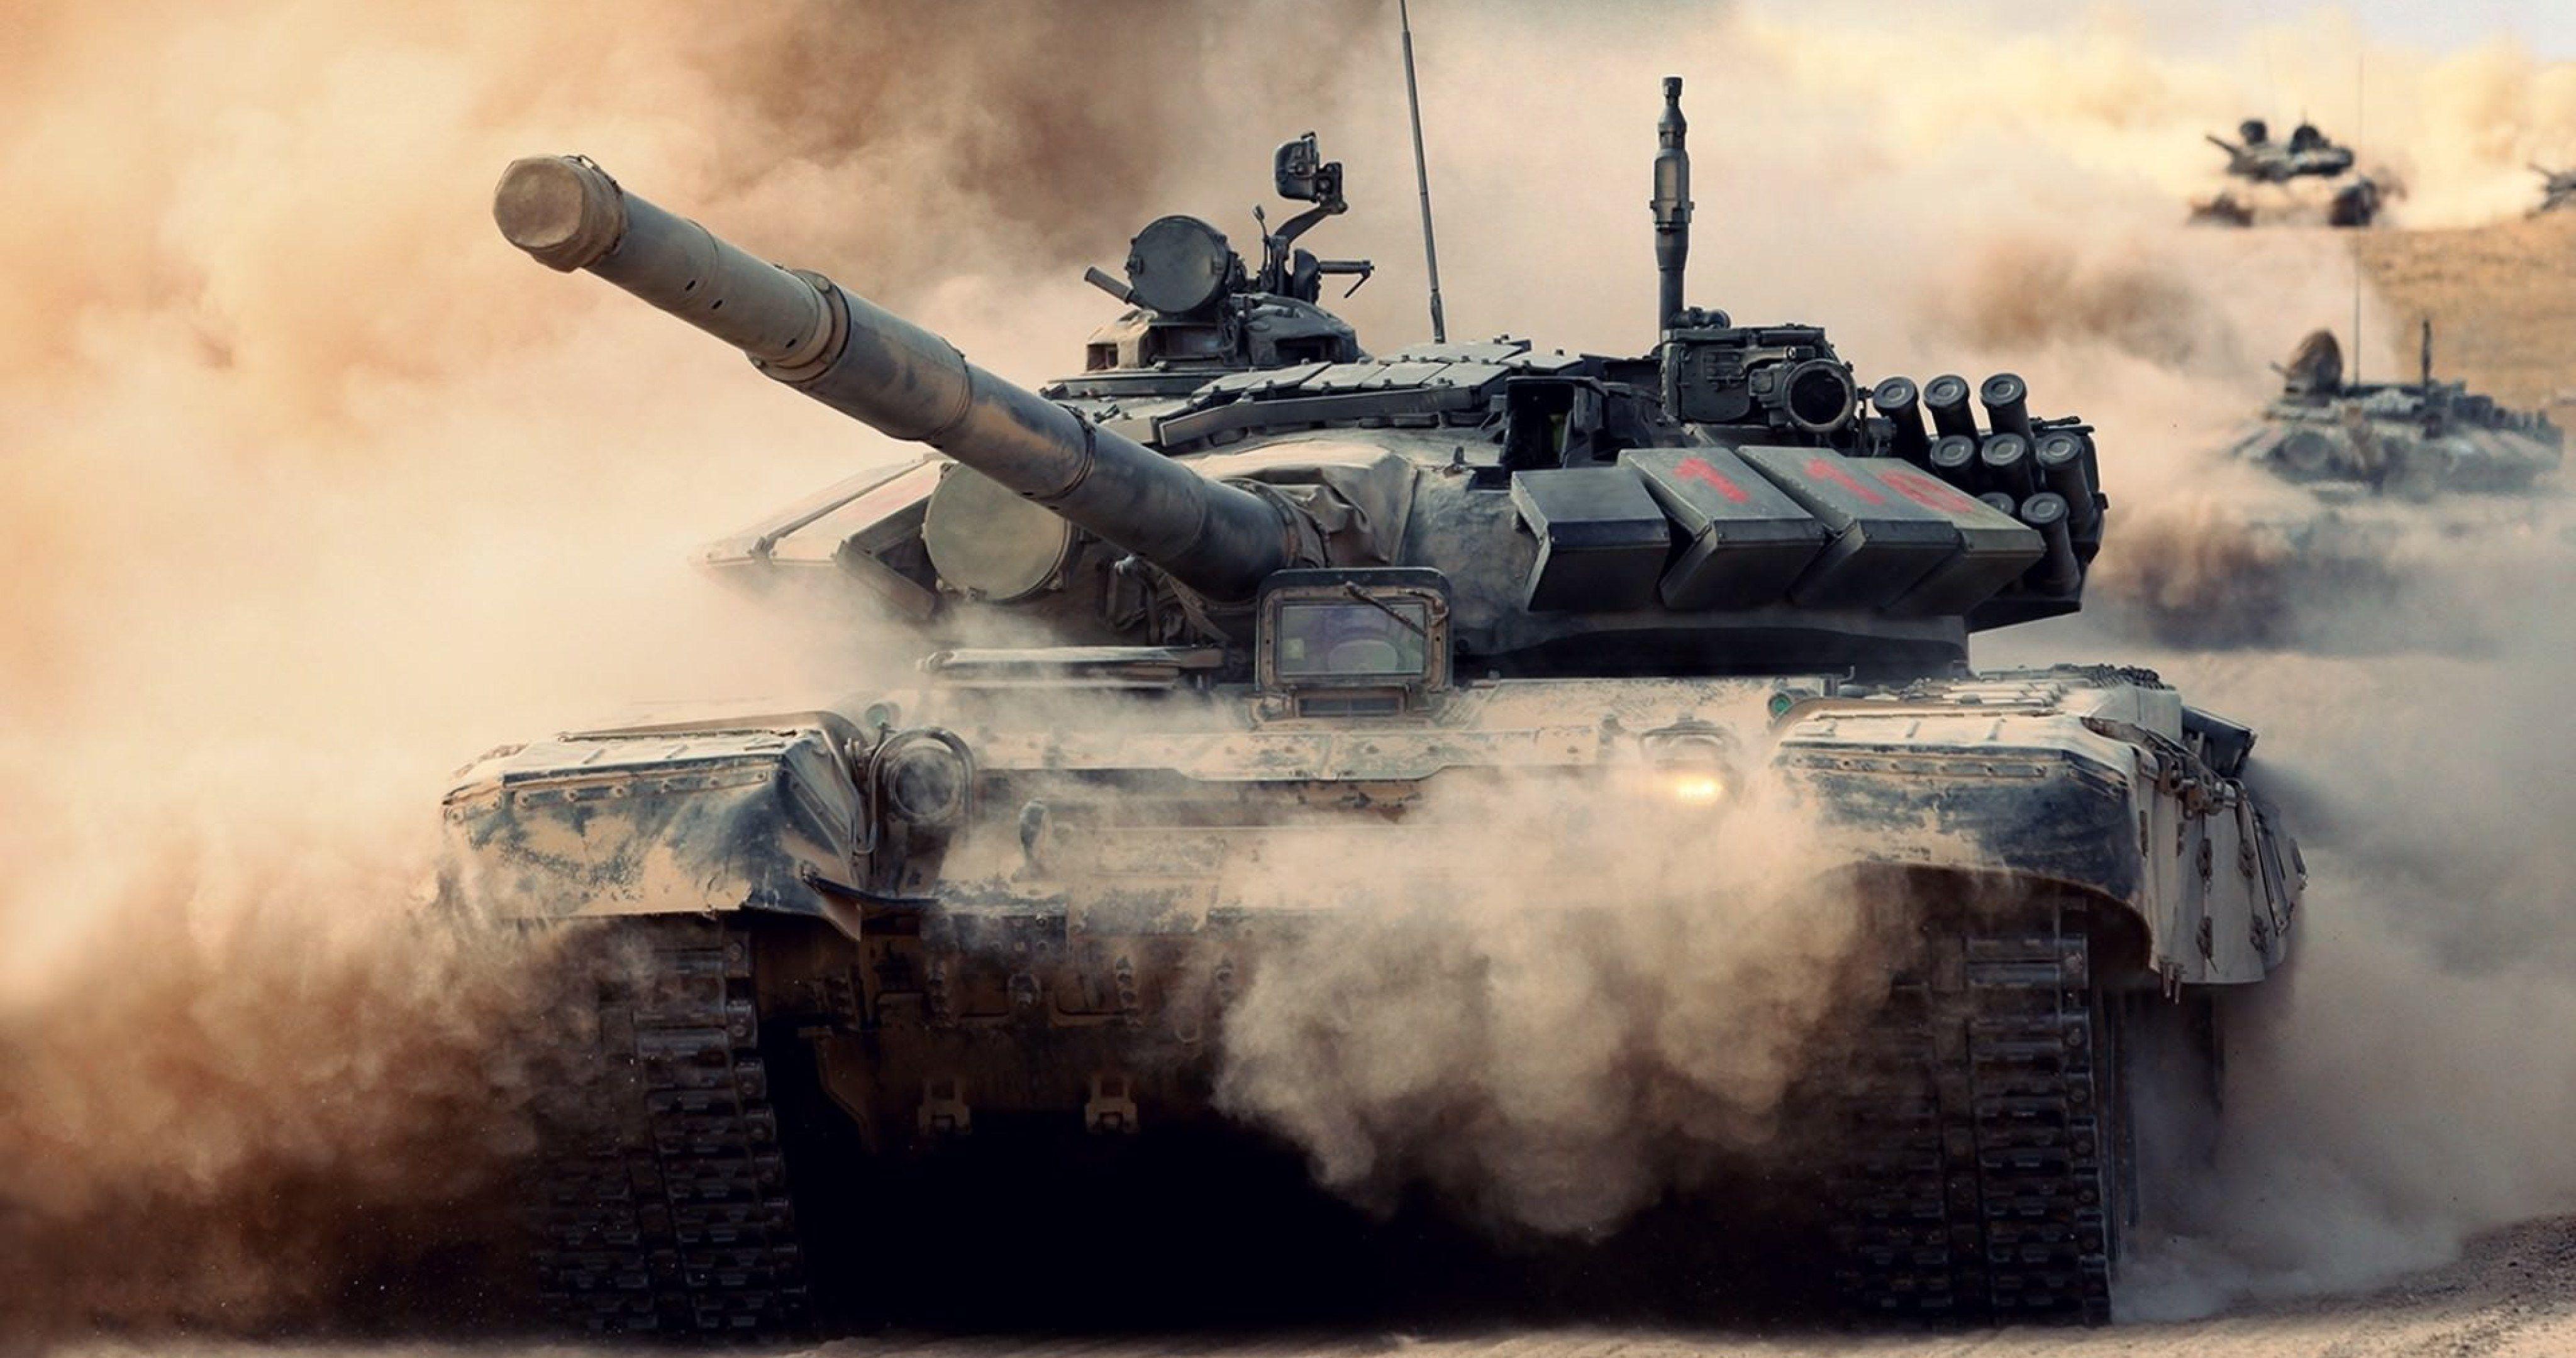 Army Tank Desktop Wallpapers   Top Army Tank Desktop 4096x2160